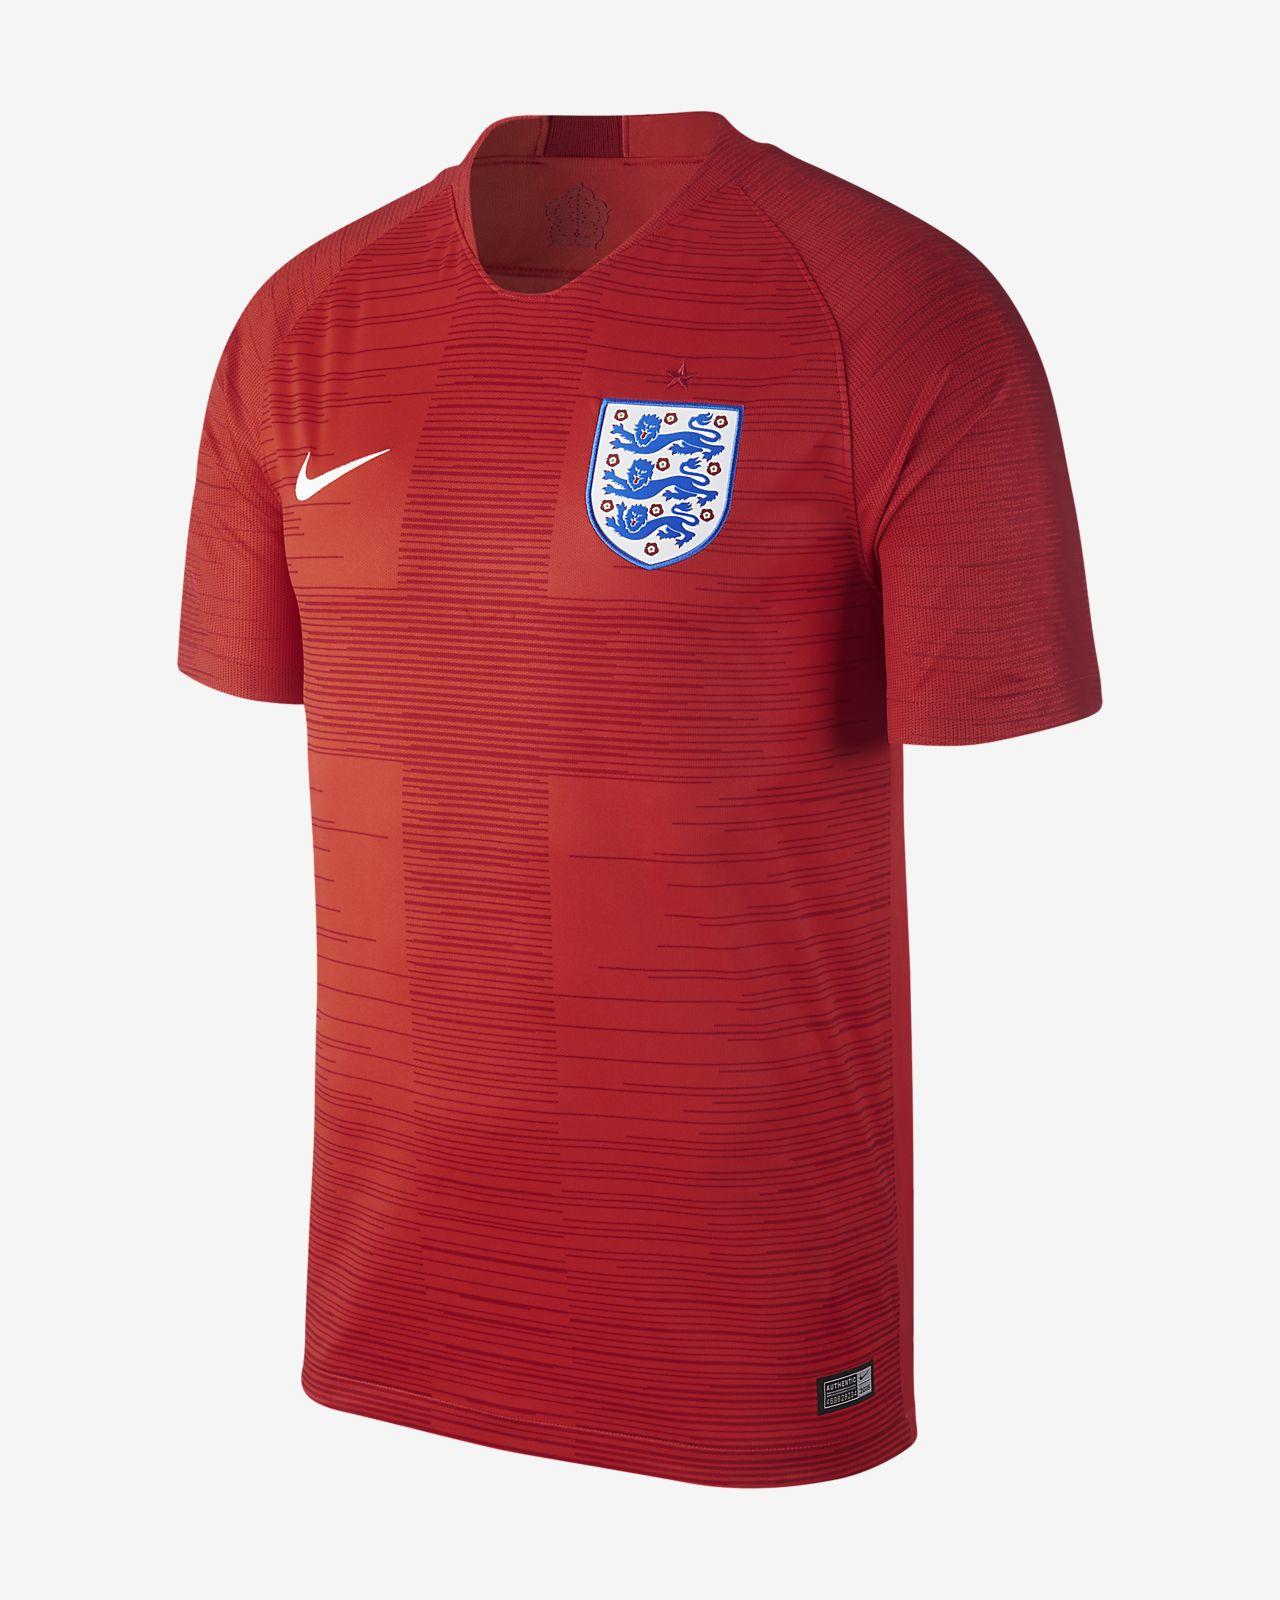 2018 England Stadium Away Men's Football Shirt